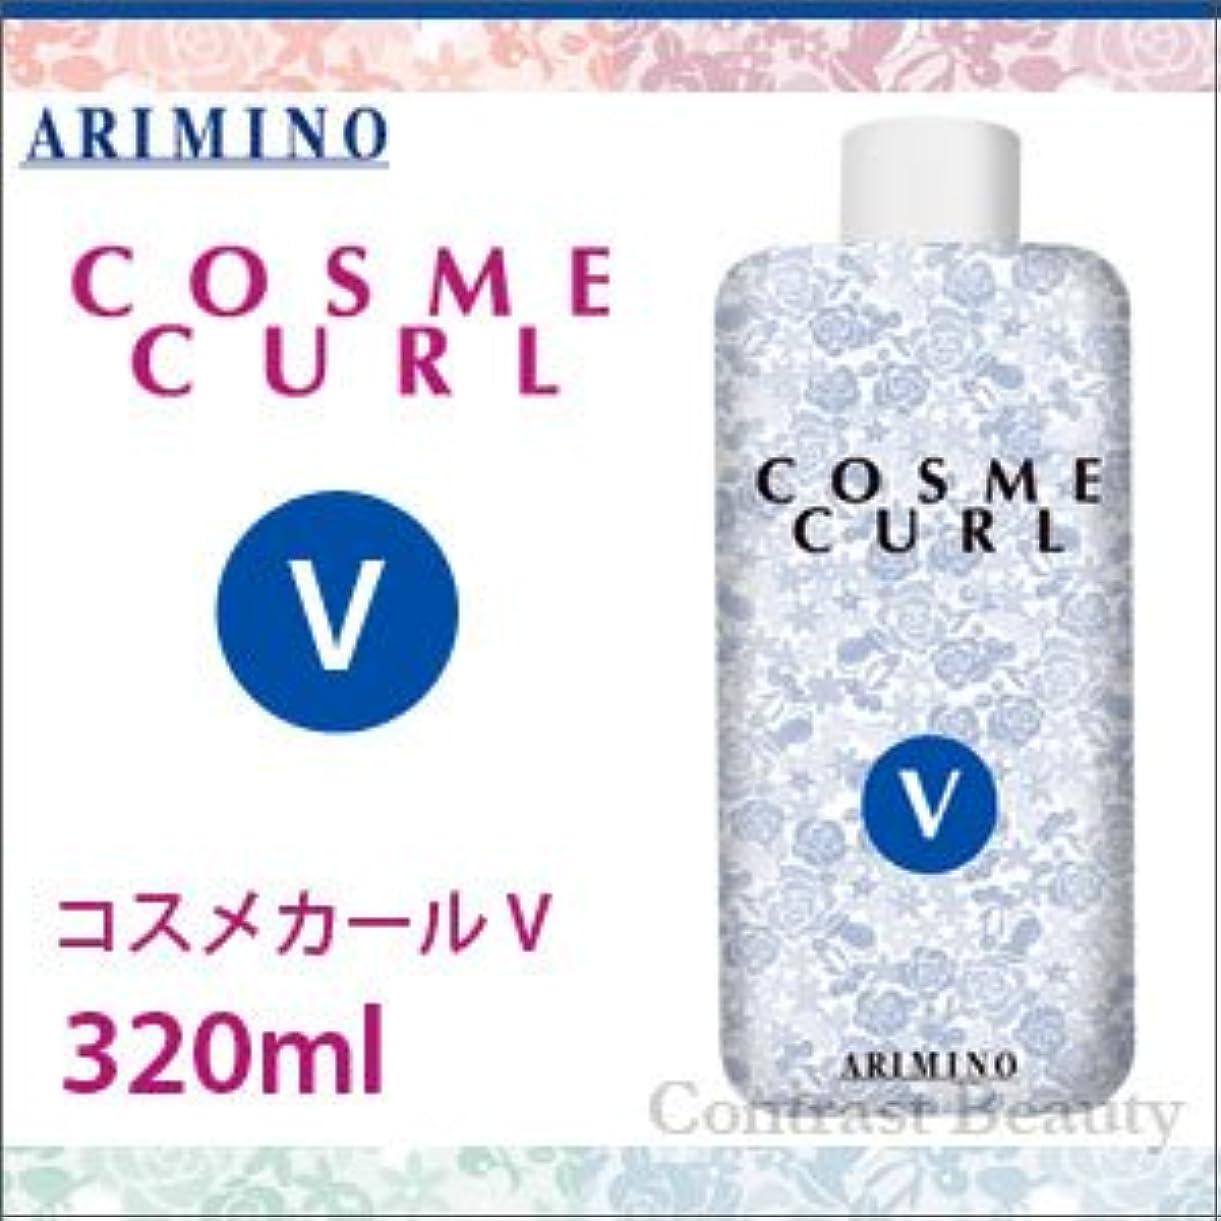 体系的に使役線アリミノ コスメカール V 320ml